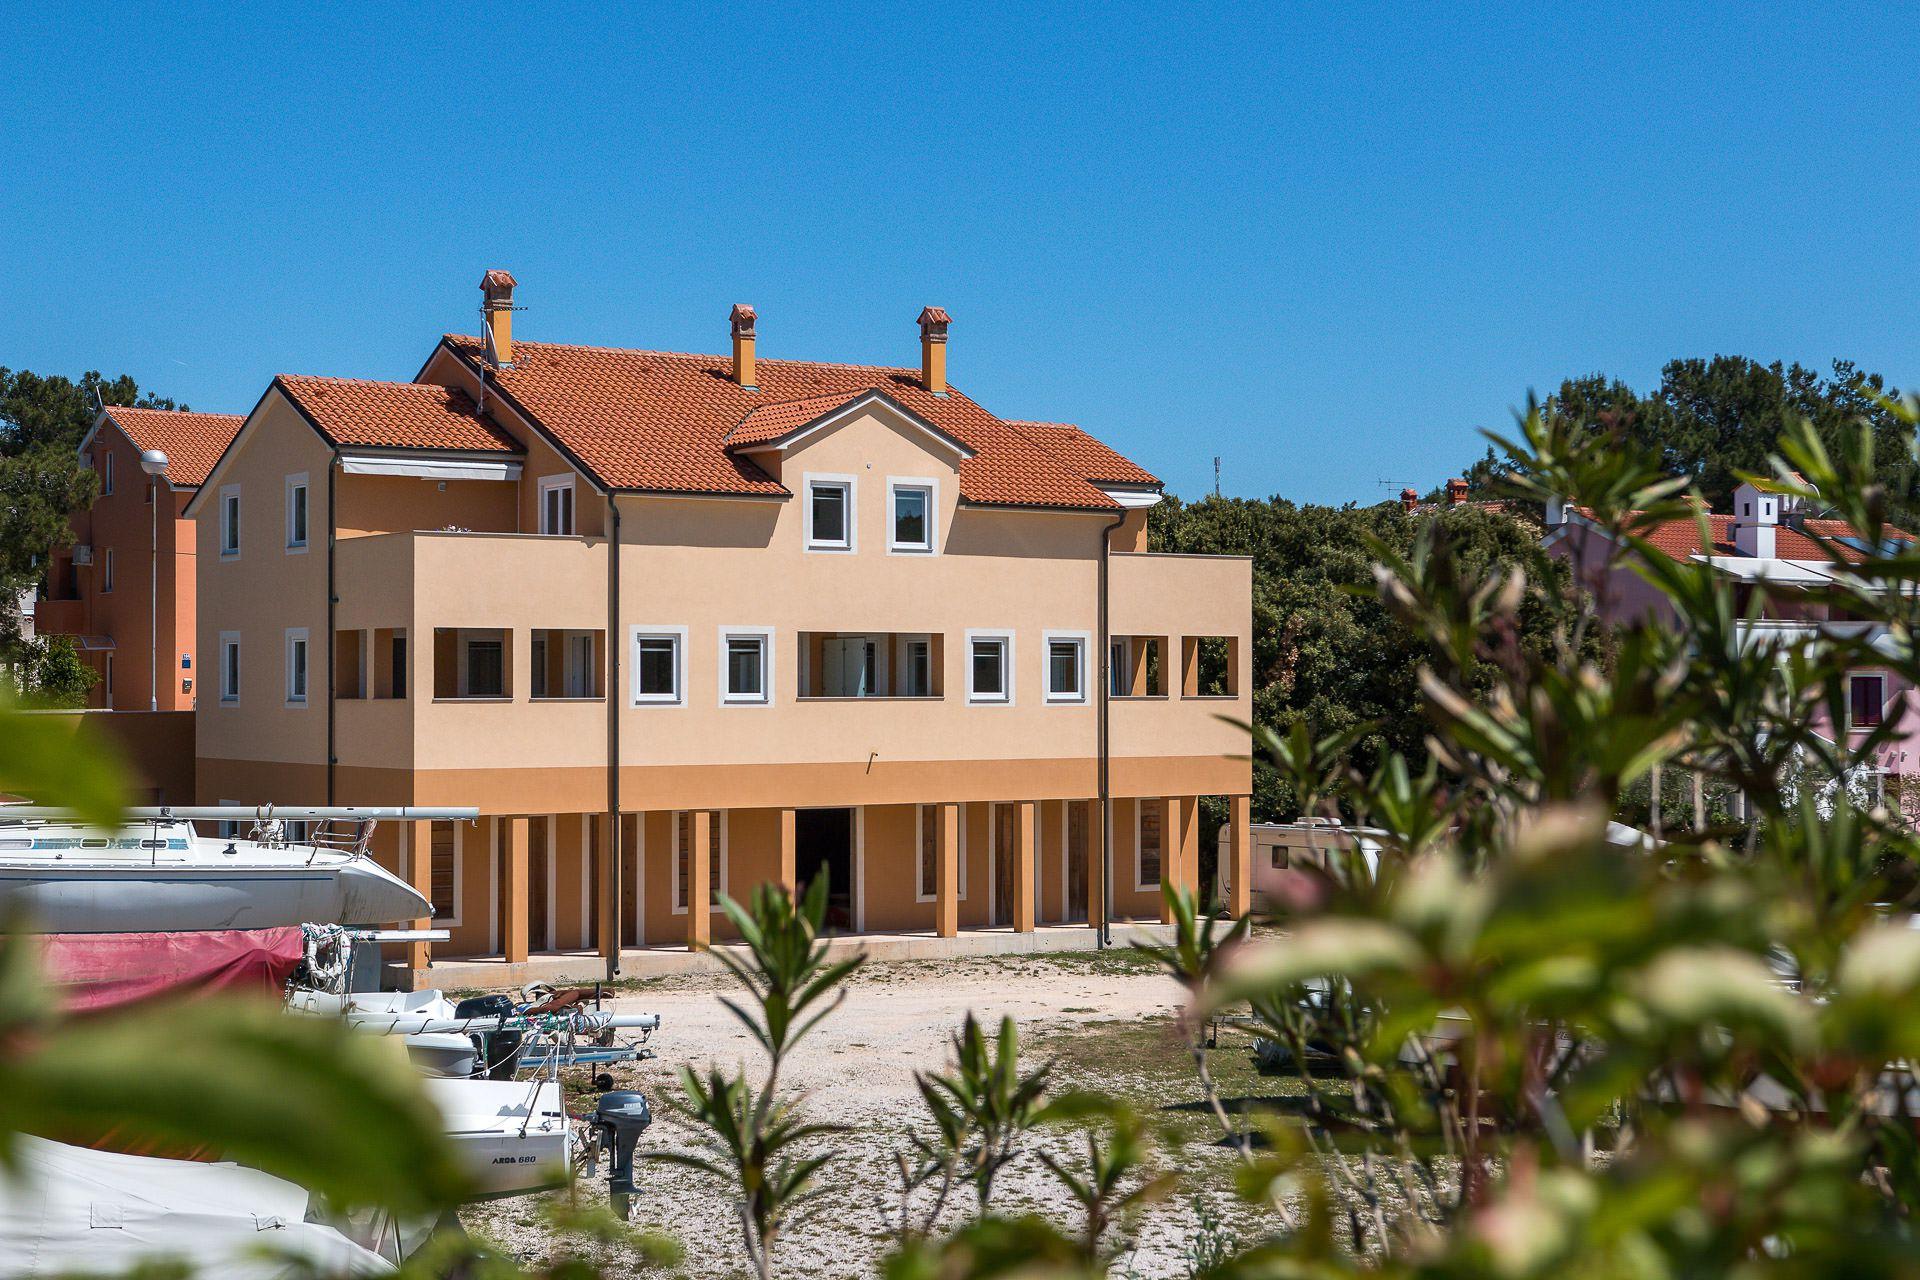 Artatore appartamenti vacanze artatore lussino croazia hr for Appartamenti vacanze affitto